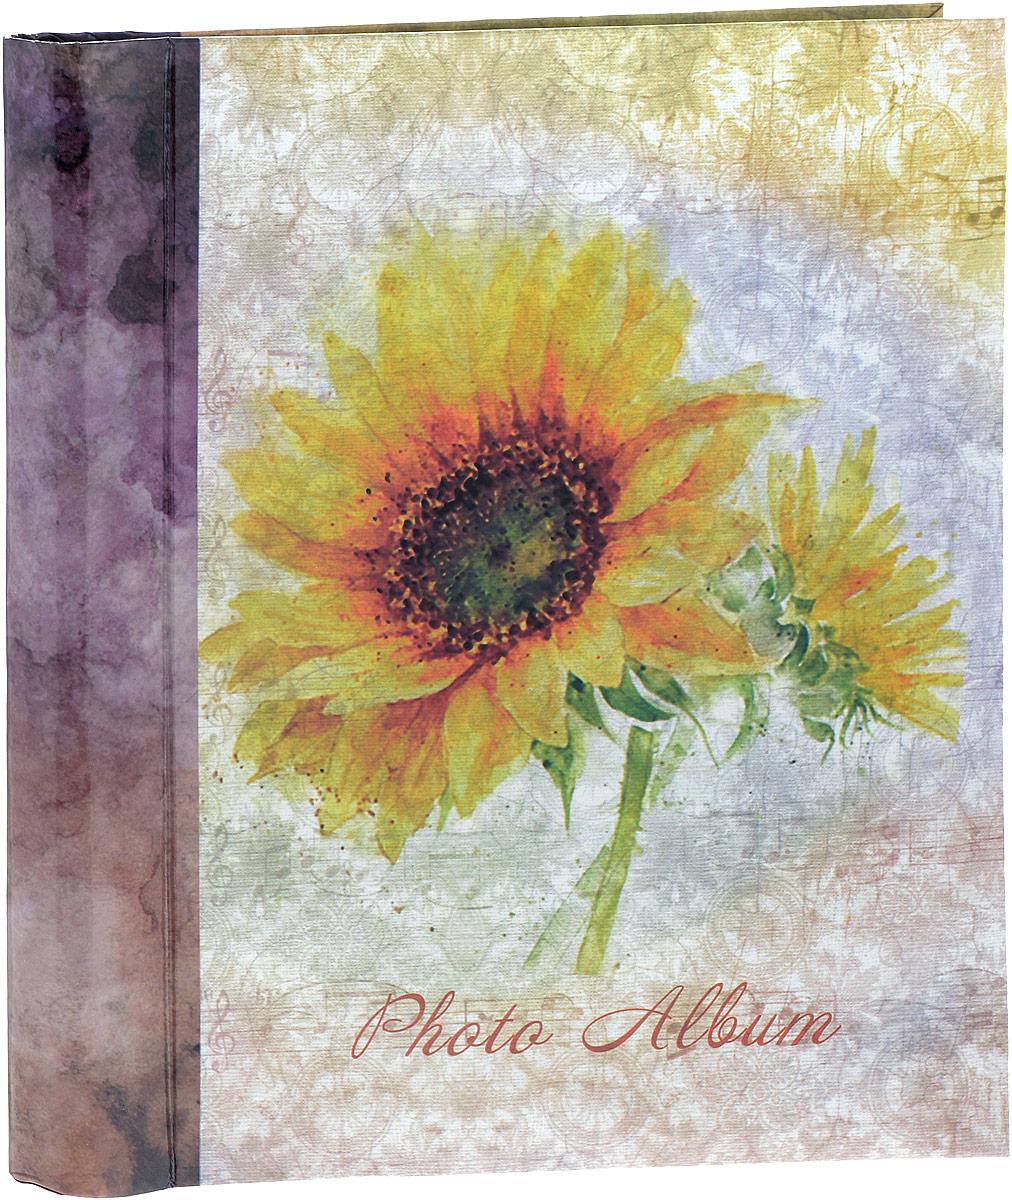 Фотоальбом Platinum Цветочная коллекция - 7, 30 листов, цвет: желтый, бежевый. 9820-303М2314_желтый, коричневый/9820-30Фотоальбом Platinum Цветочная коллекция - 7, изготовленный из ламинированного картона с клеевым покрытием и пленки ПВХ, поможет сохранить вам самые важные и счастливые события вашей жизни. Этот альбом станет драгоценной памятью для вас, вашего ребенка и, возможно, ваших внуков.Обложка выполнена из толстого картона и оформлена оригинальным рисунком. Внутри содержится 30 магнитных листов, которые скреплены с помощью спирали. Нам всегда так приятно вспоминать о самых счастливых моментах жизни, запечатленных на фотографиях. Поэтому фотоальбом является универсальным подарком к любому празднику. Размер листа: 22,5 х 28 см.